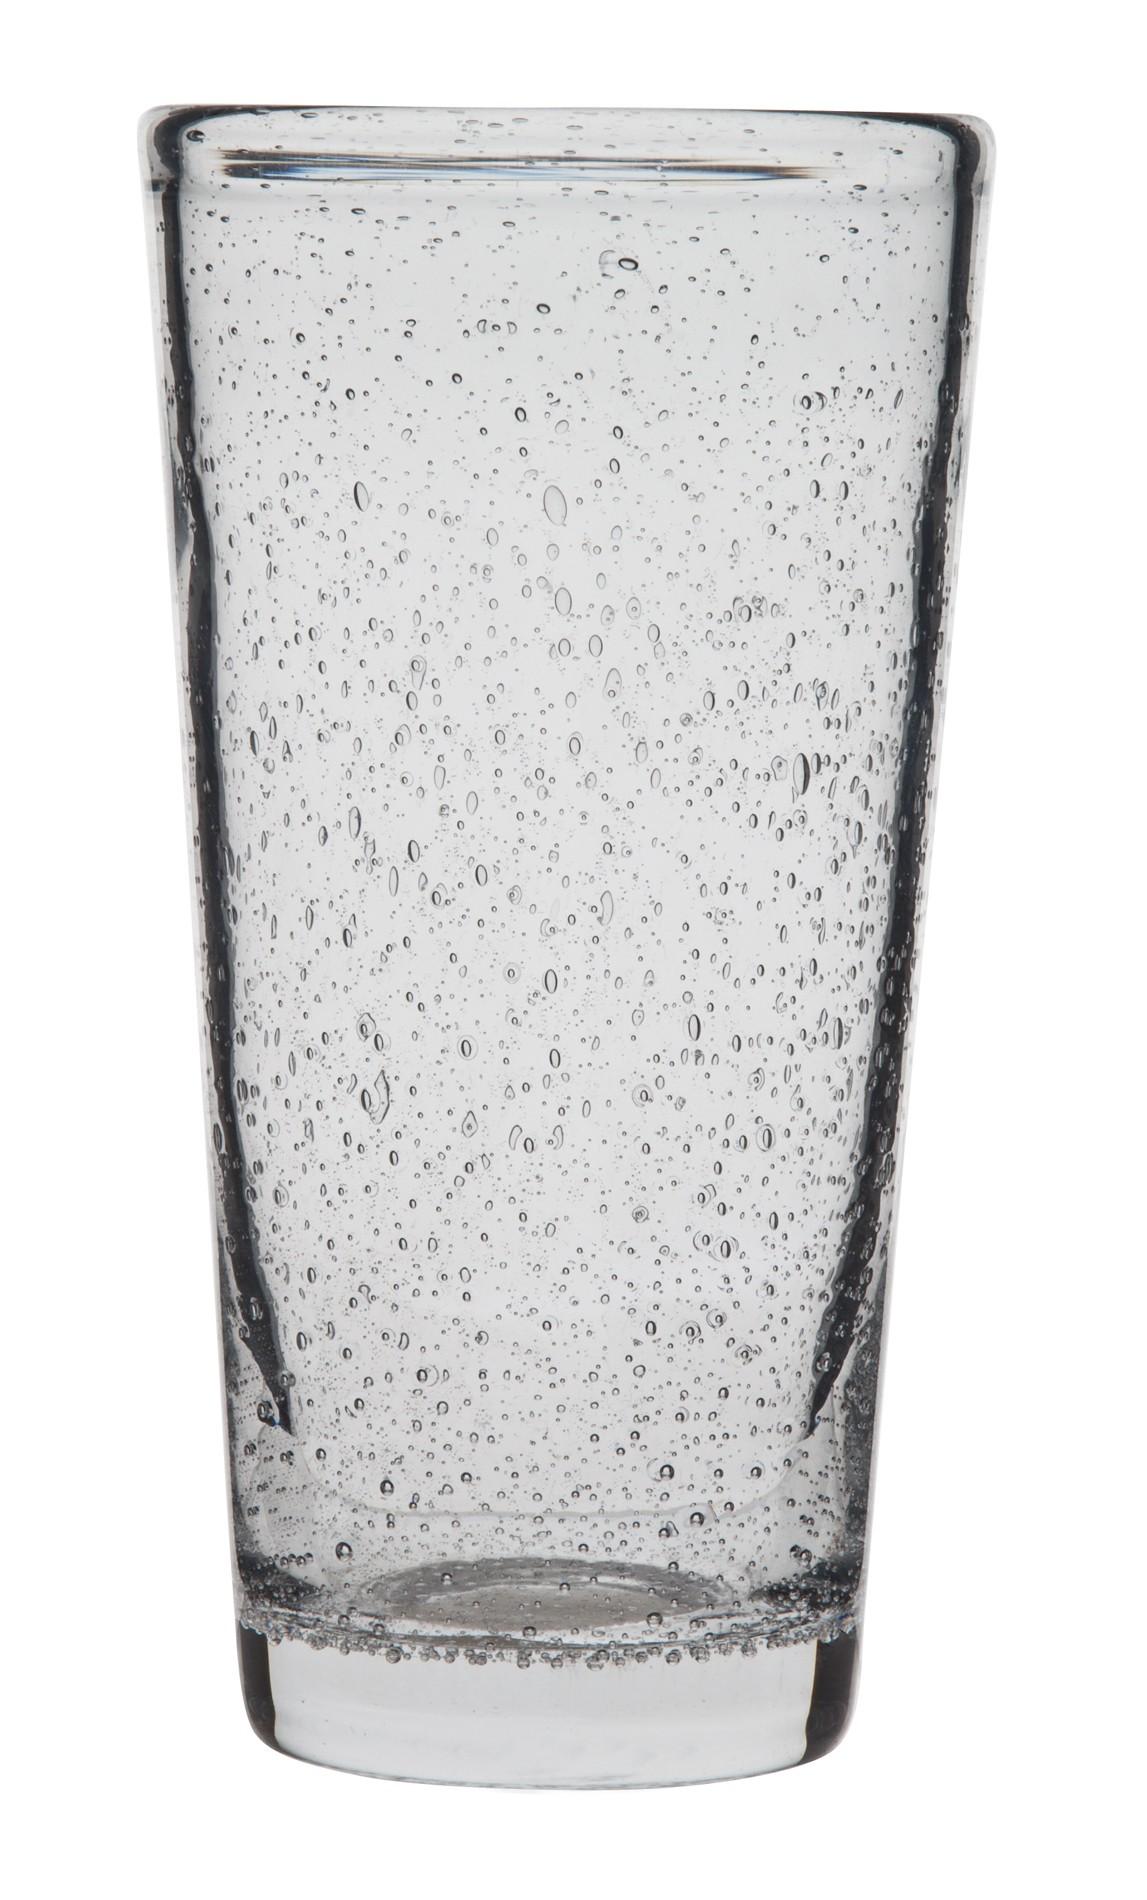 Ποτήρι Σωλήνα Anise Διάφανο Σετ 6Τμχ 450ml Ionia home   ειδη σερβιρισματος   ποτήρια